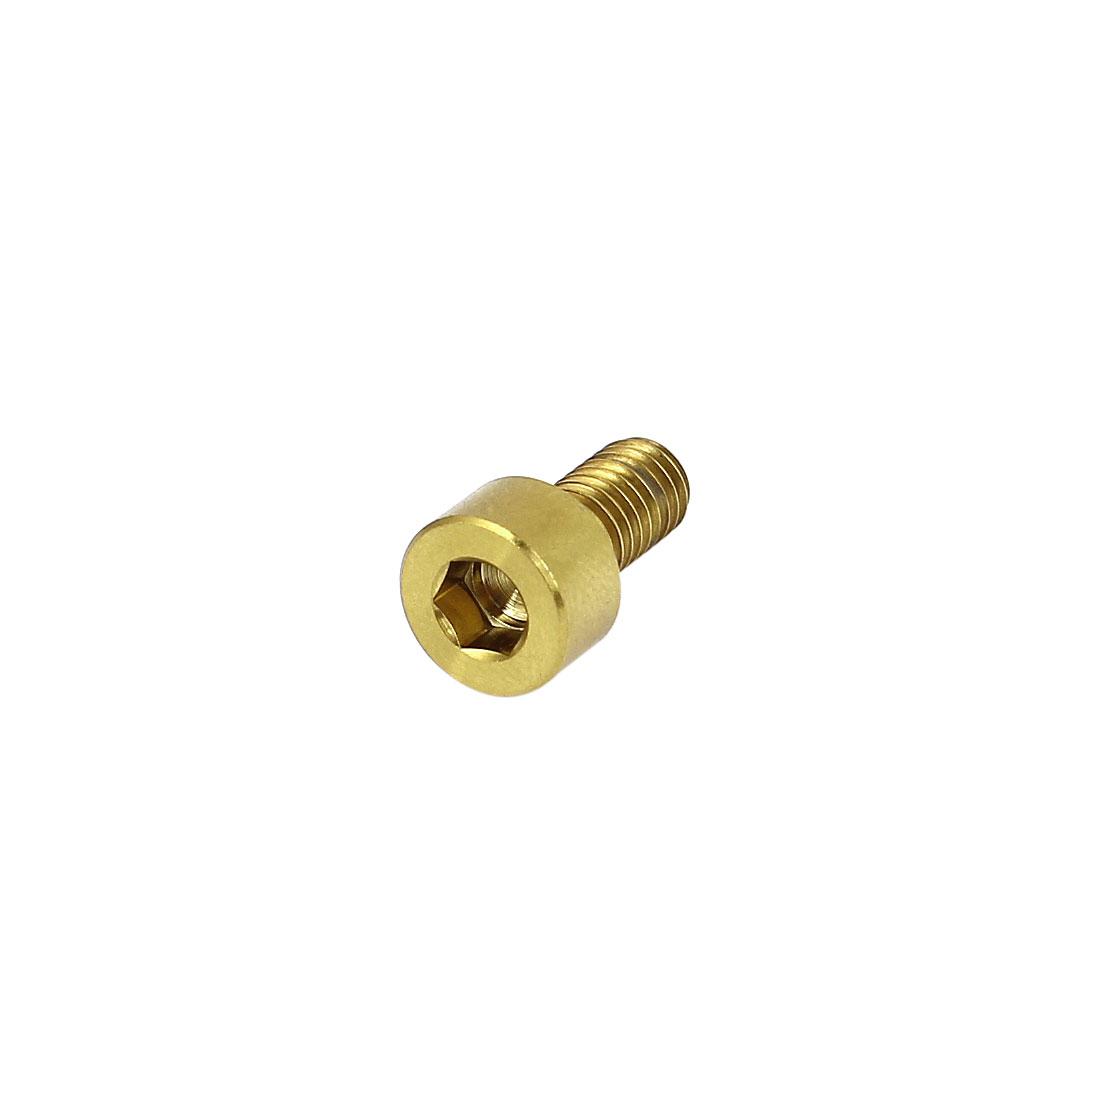 M5x10mm Gold Tone Titanium Socket Cap Screws Bike Hex Head Key Bolts DIN 912